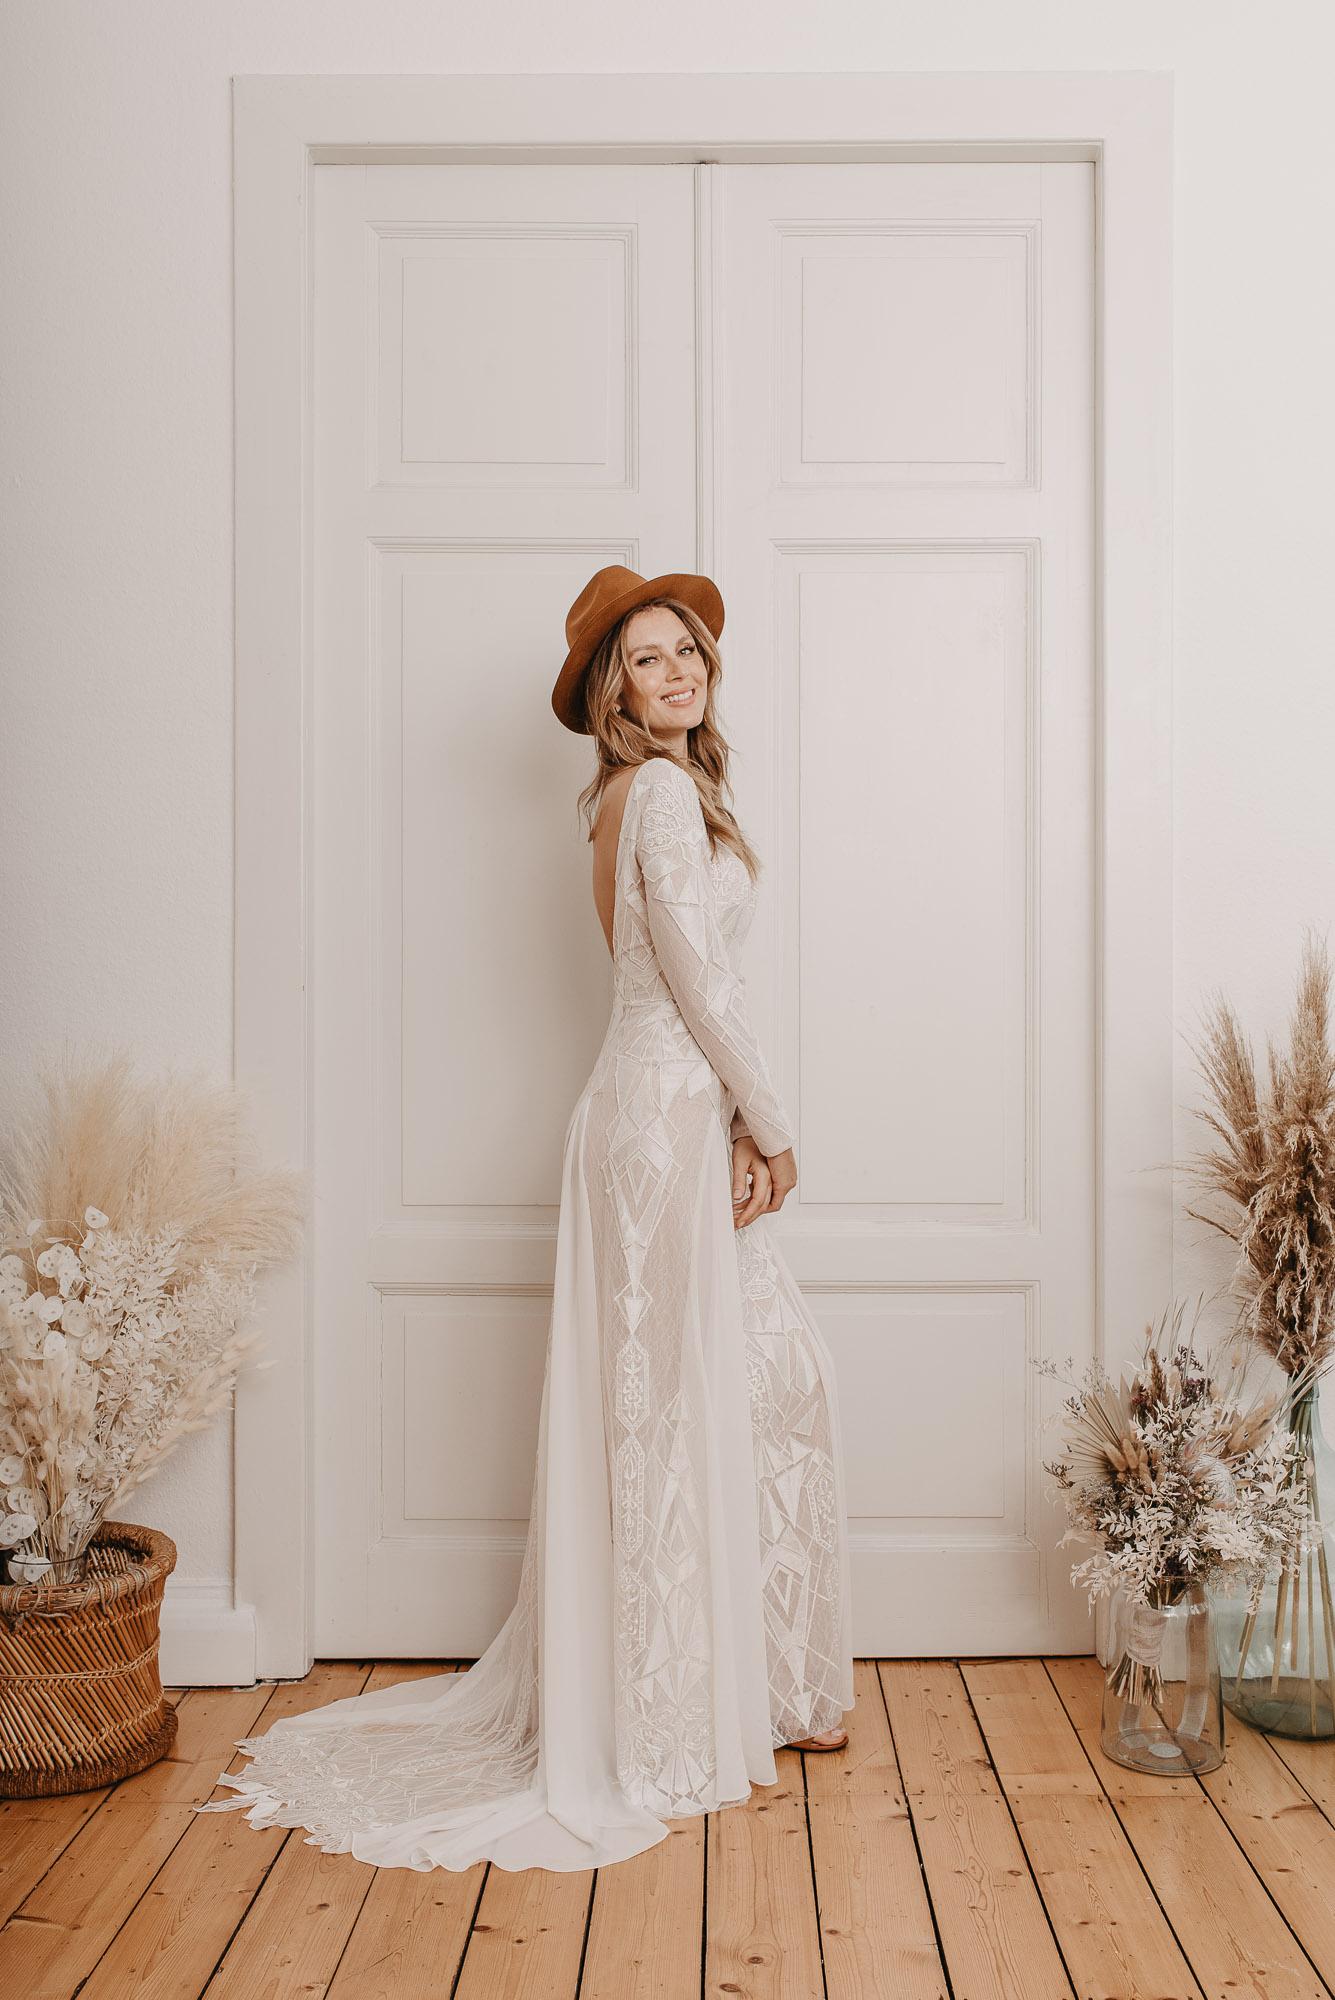 Aloe Brautkleid Seite - Brautmode von Oonce